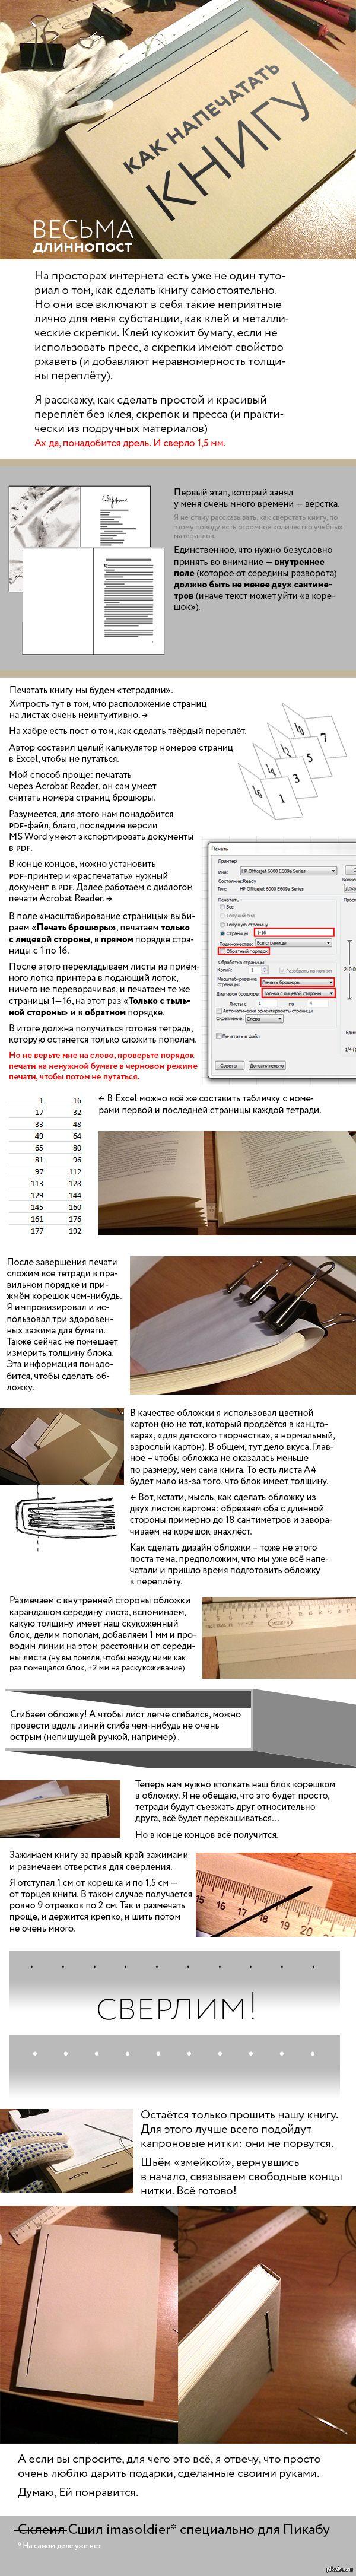 Книга своими руками Как сделать мягкий книжный переплёт без клея  длиннопост, Своими руками, подарок своими руками, книги